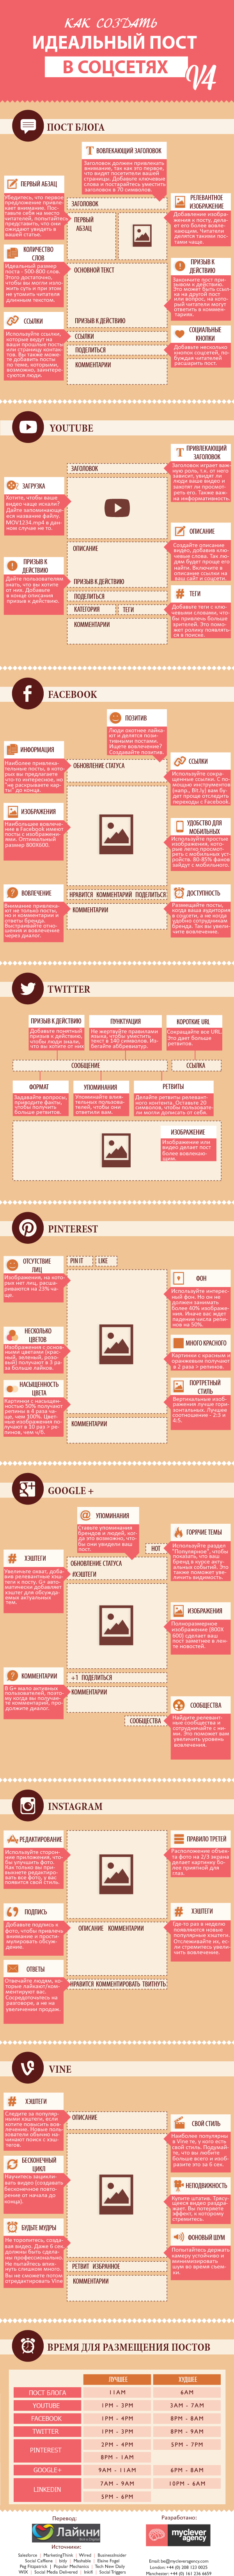 Идеальный пост для соцсетей (Инфографика) - ОТличная рекомендация для СЕО!!